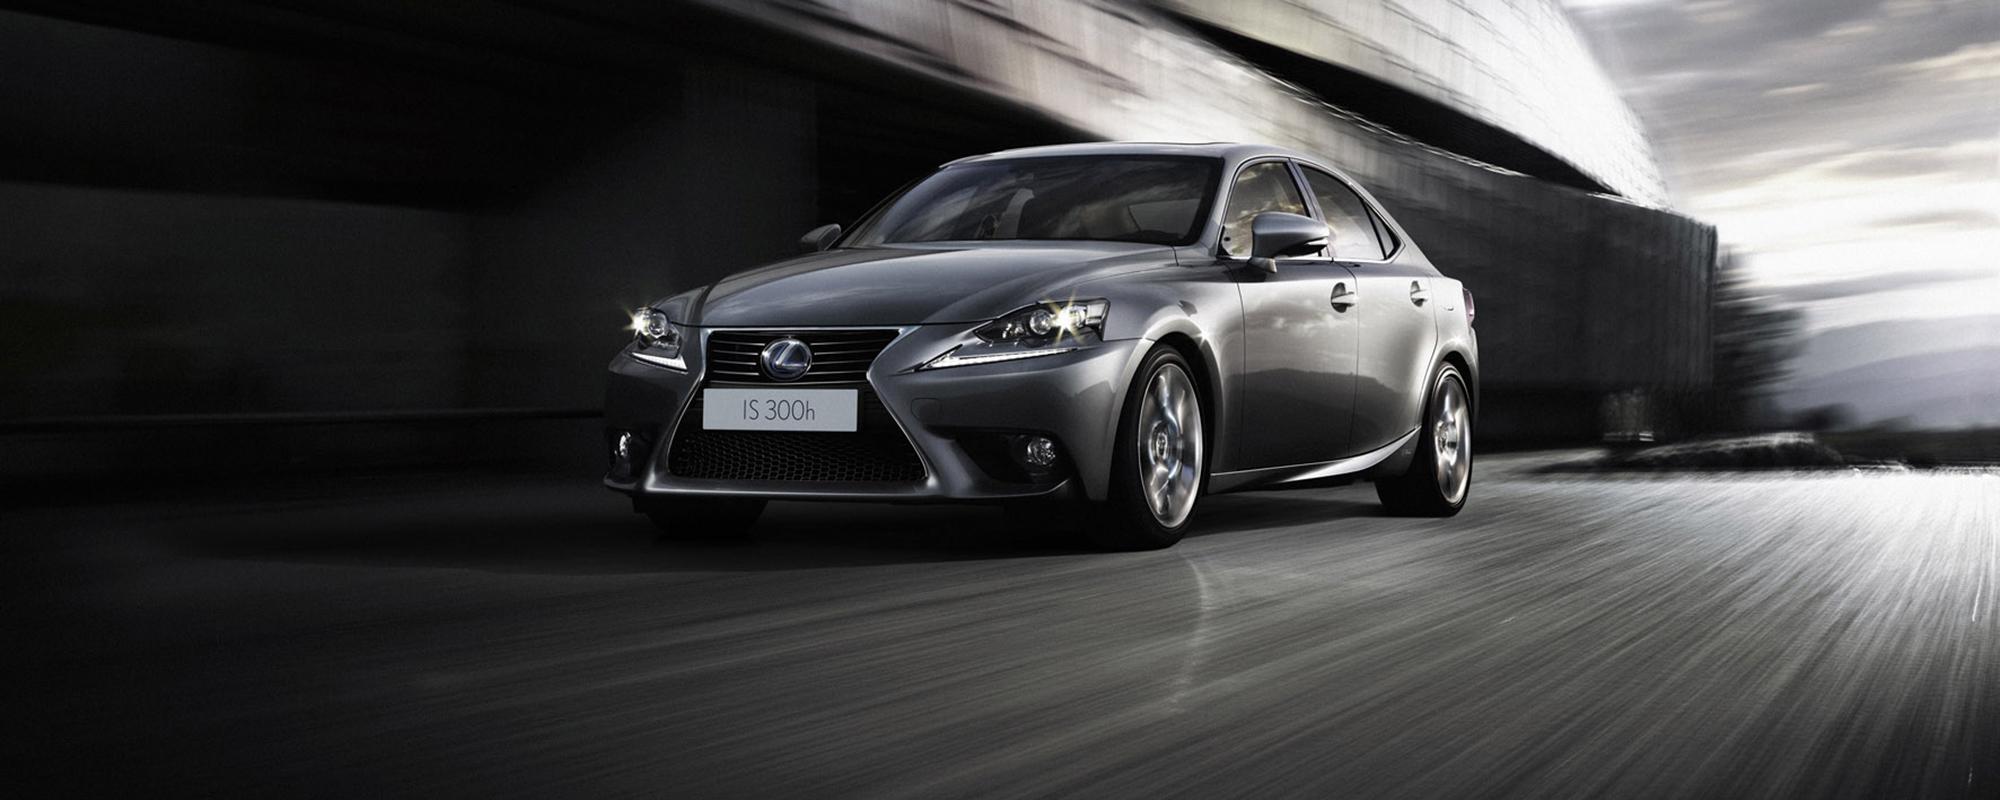 Lexus IS 300h: samenspel van luxe, ruimte en rijdynamiek